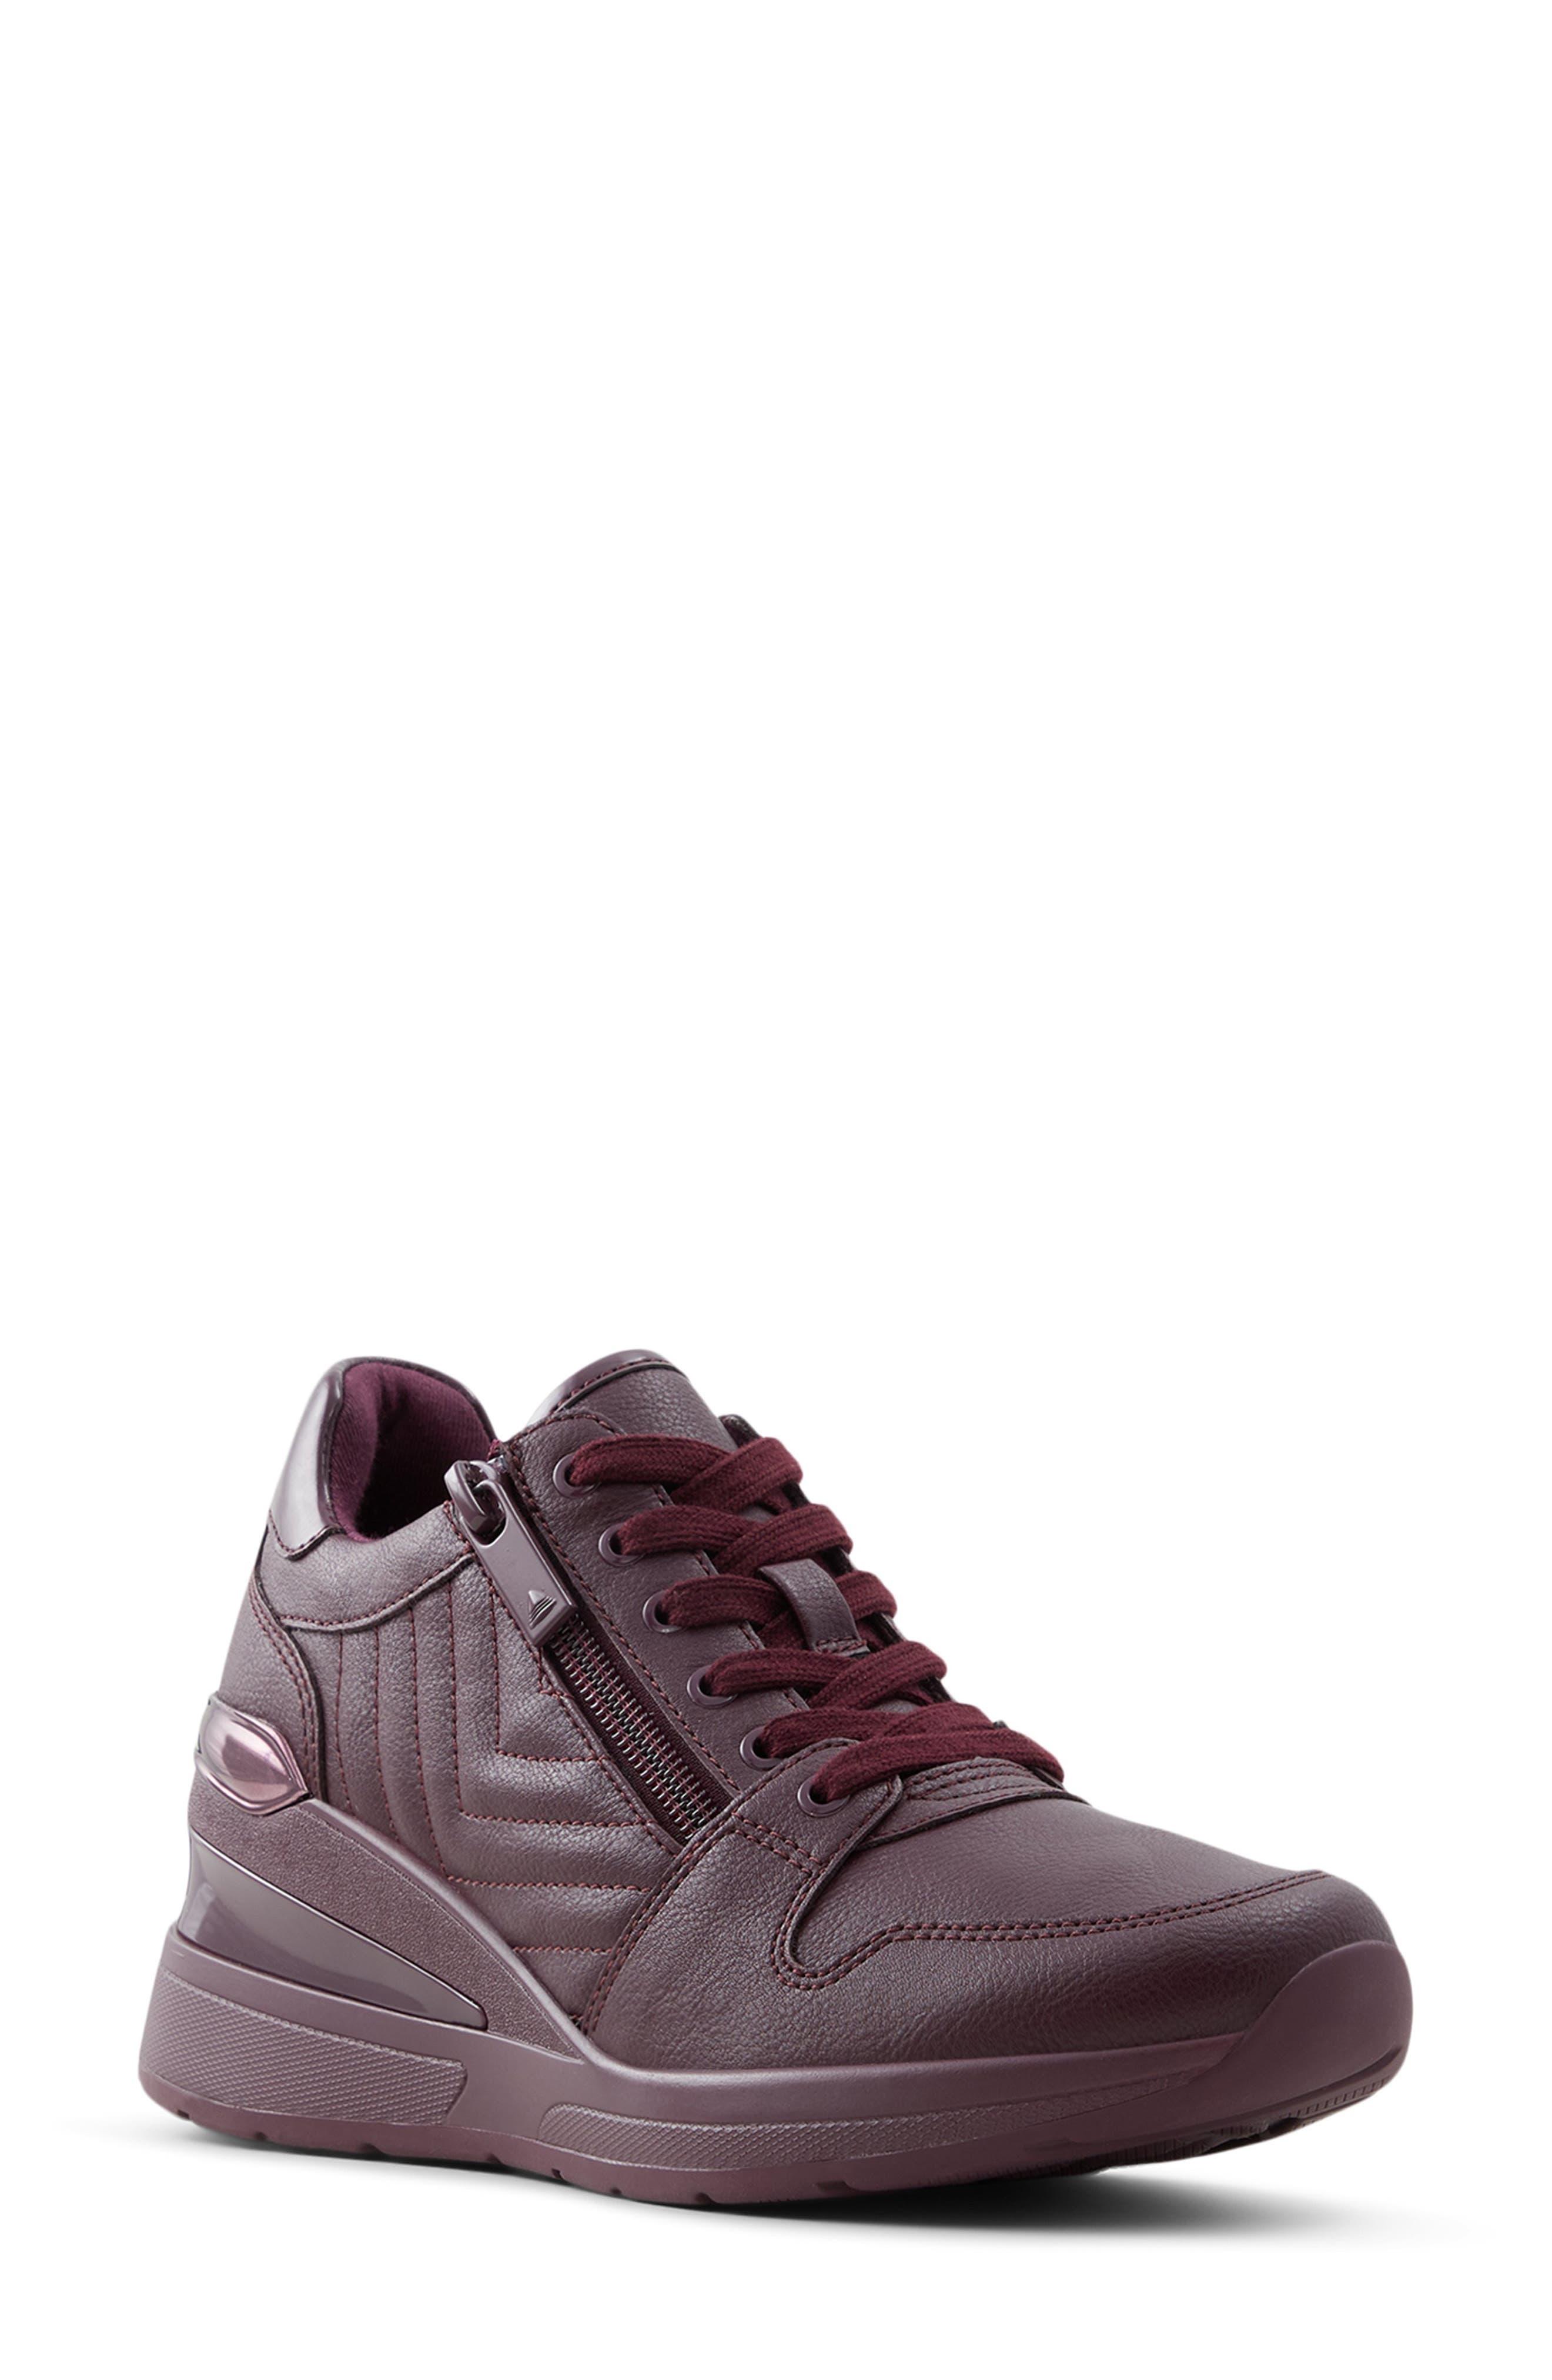 Adwiwia Wedge Sneaker